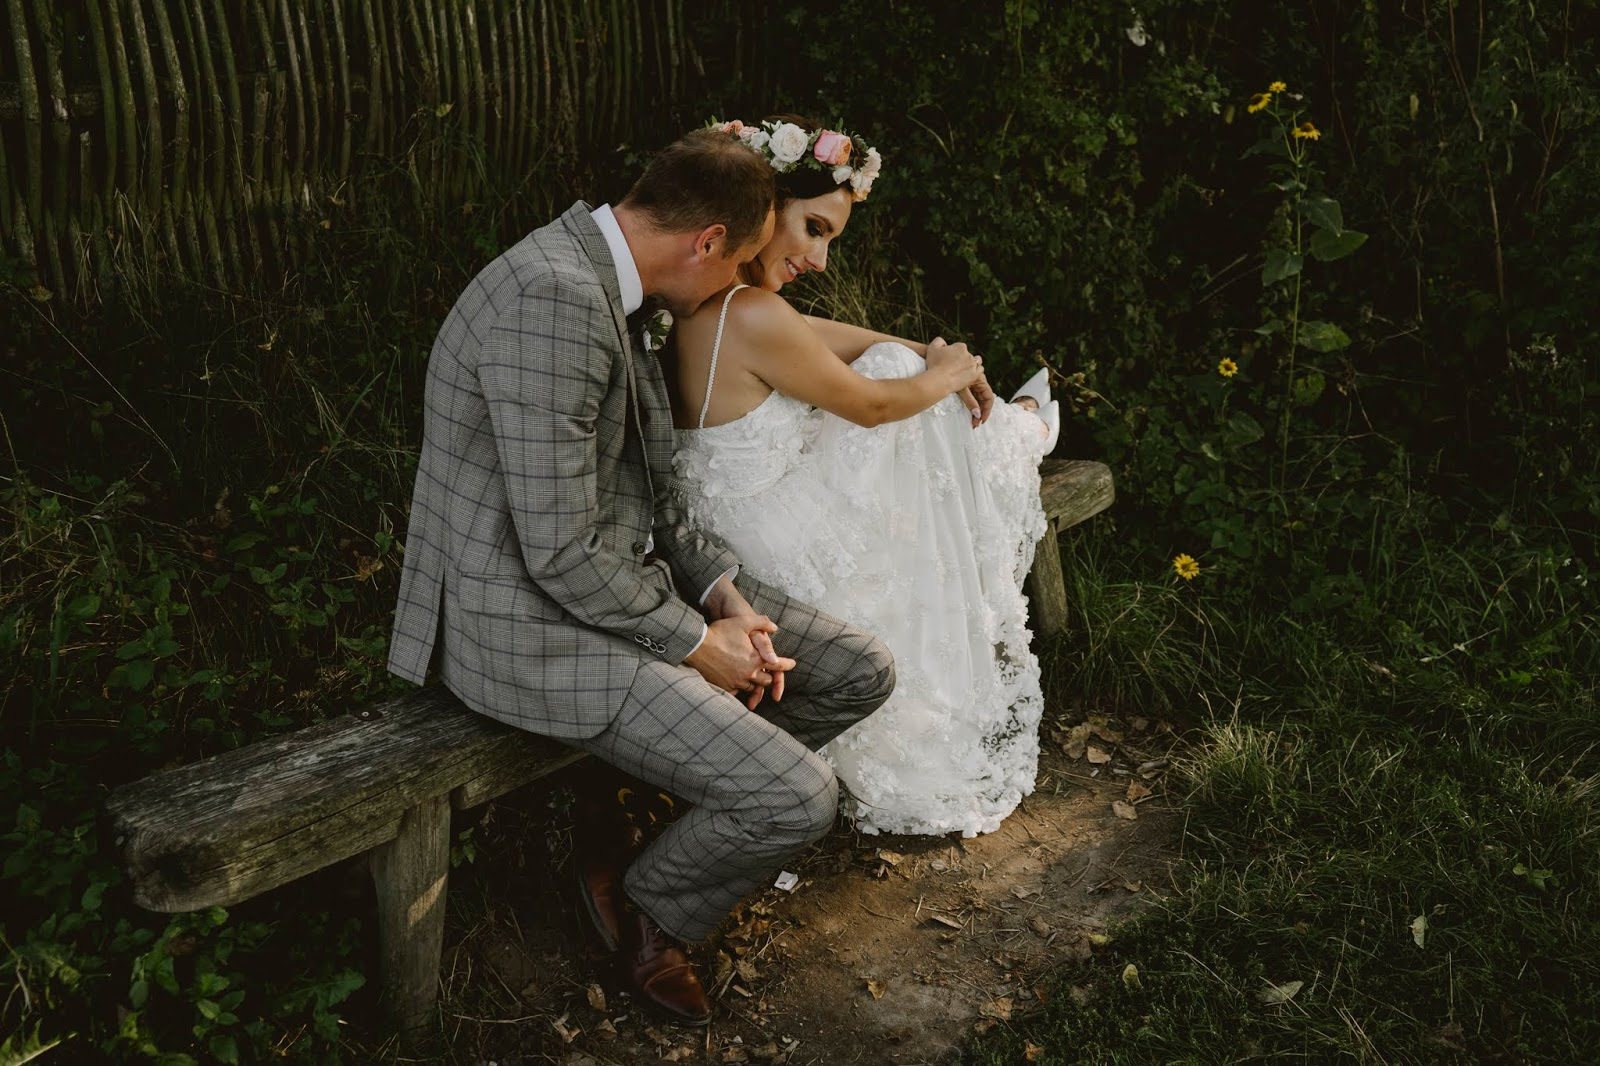 sesja ślubna Kazimierz dolny mięćmierz boho rustykalna wianek suknie 3d ślubna na ławce ławeczka wisła karyn blog modowy sesja rustykalna wiejska